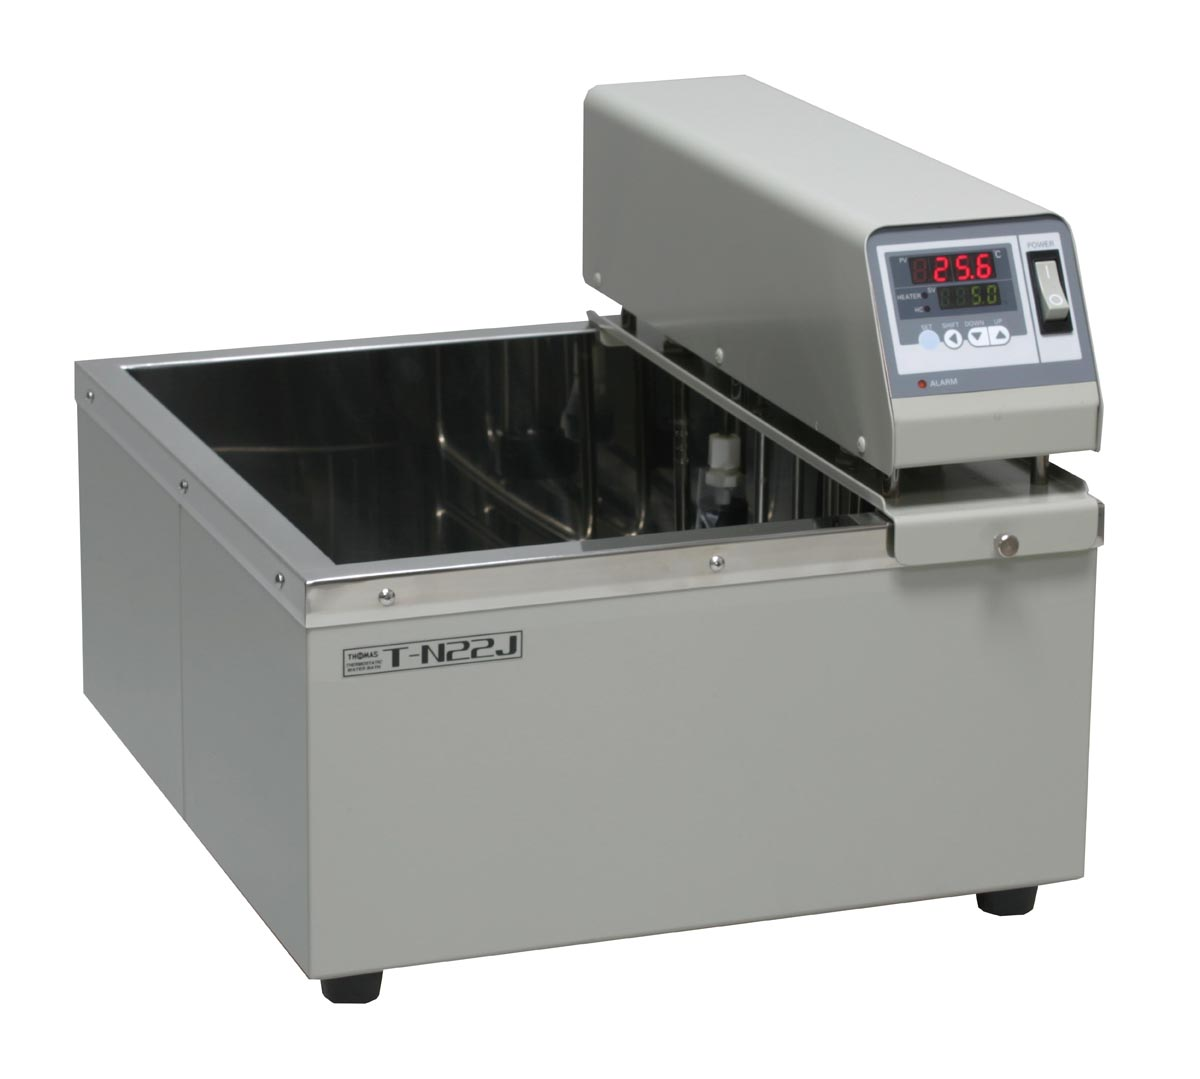 トーマス科学器械 恒温水槽 T-N22J